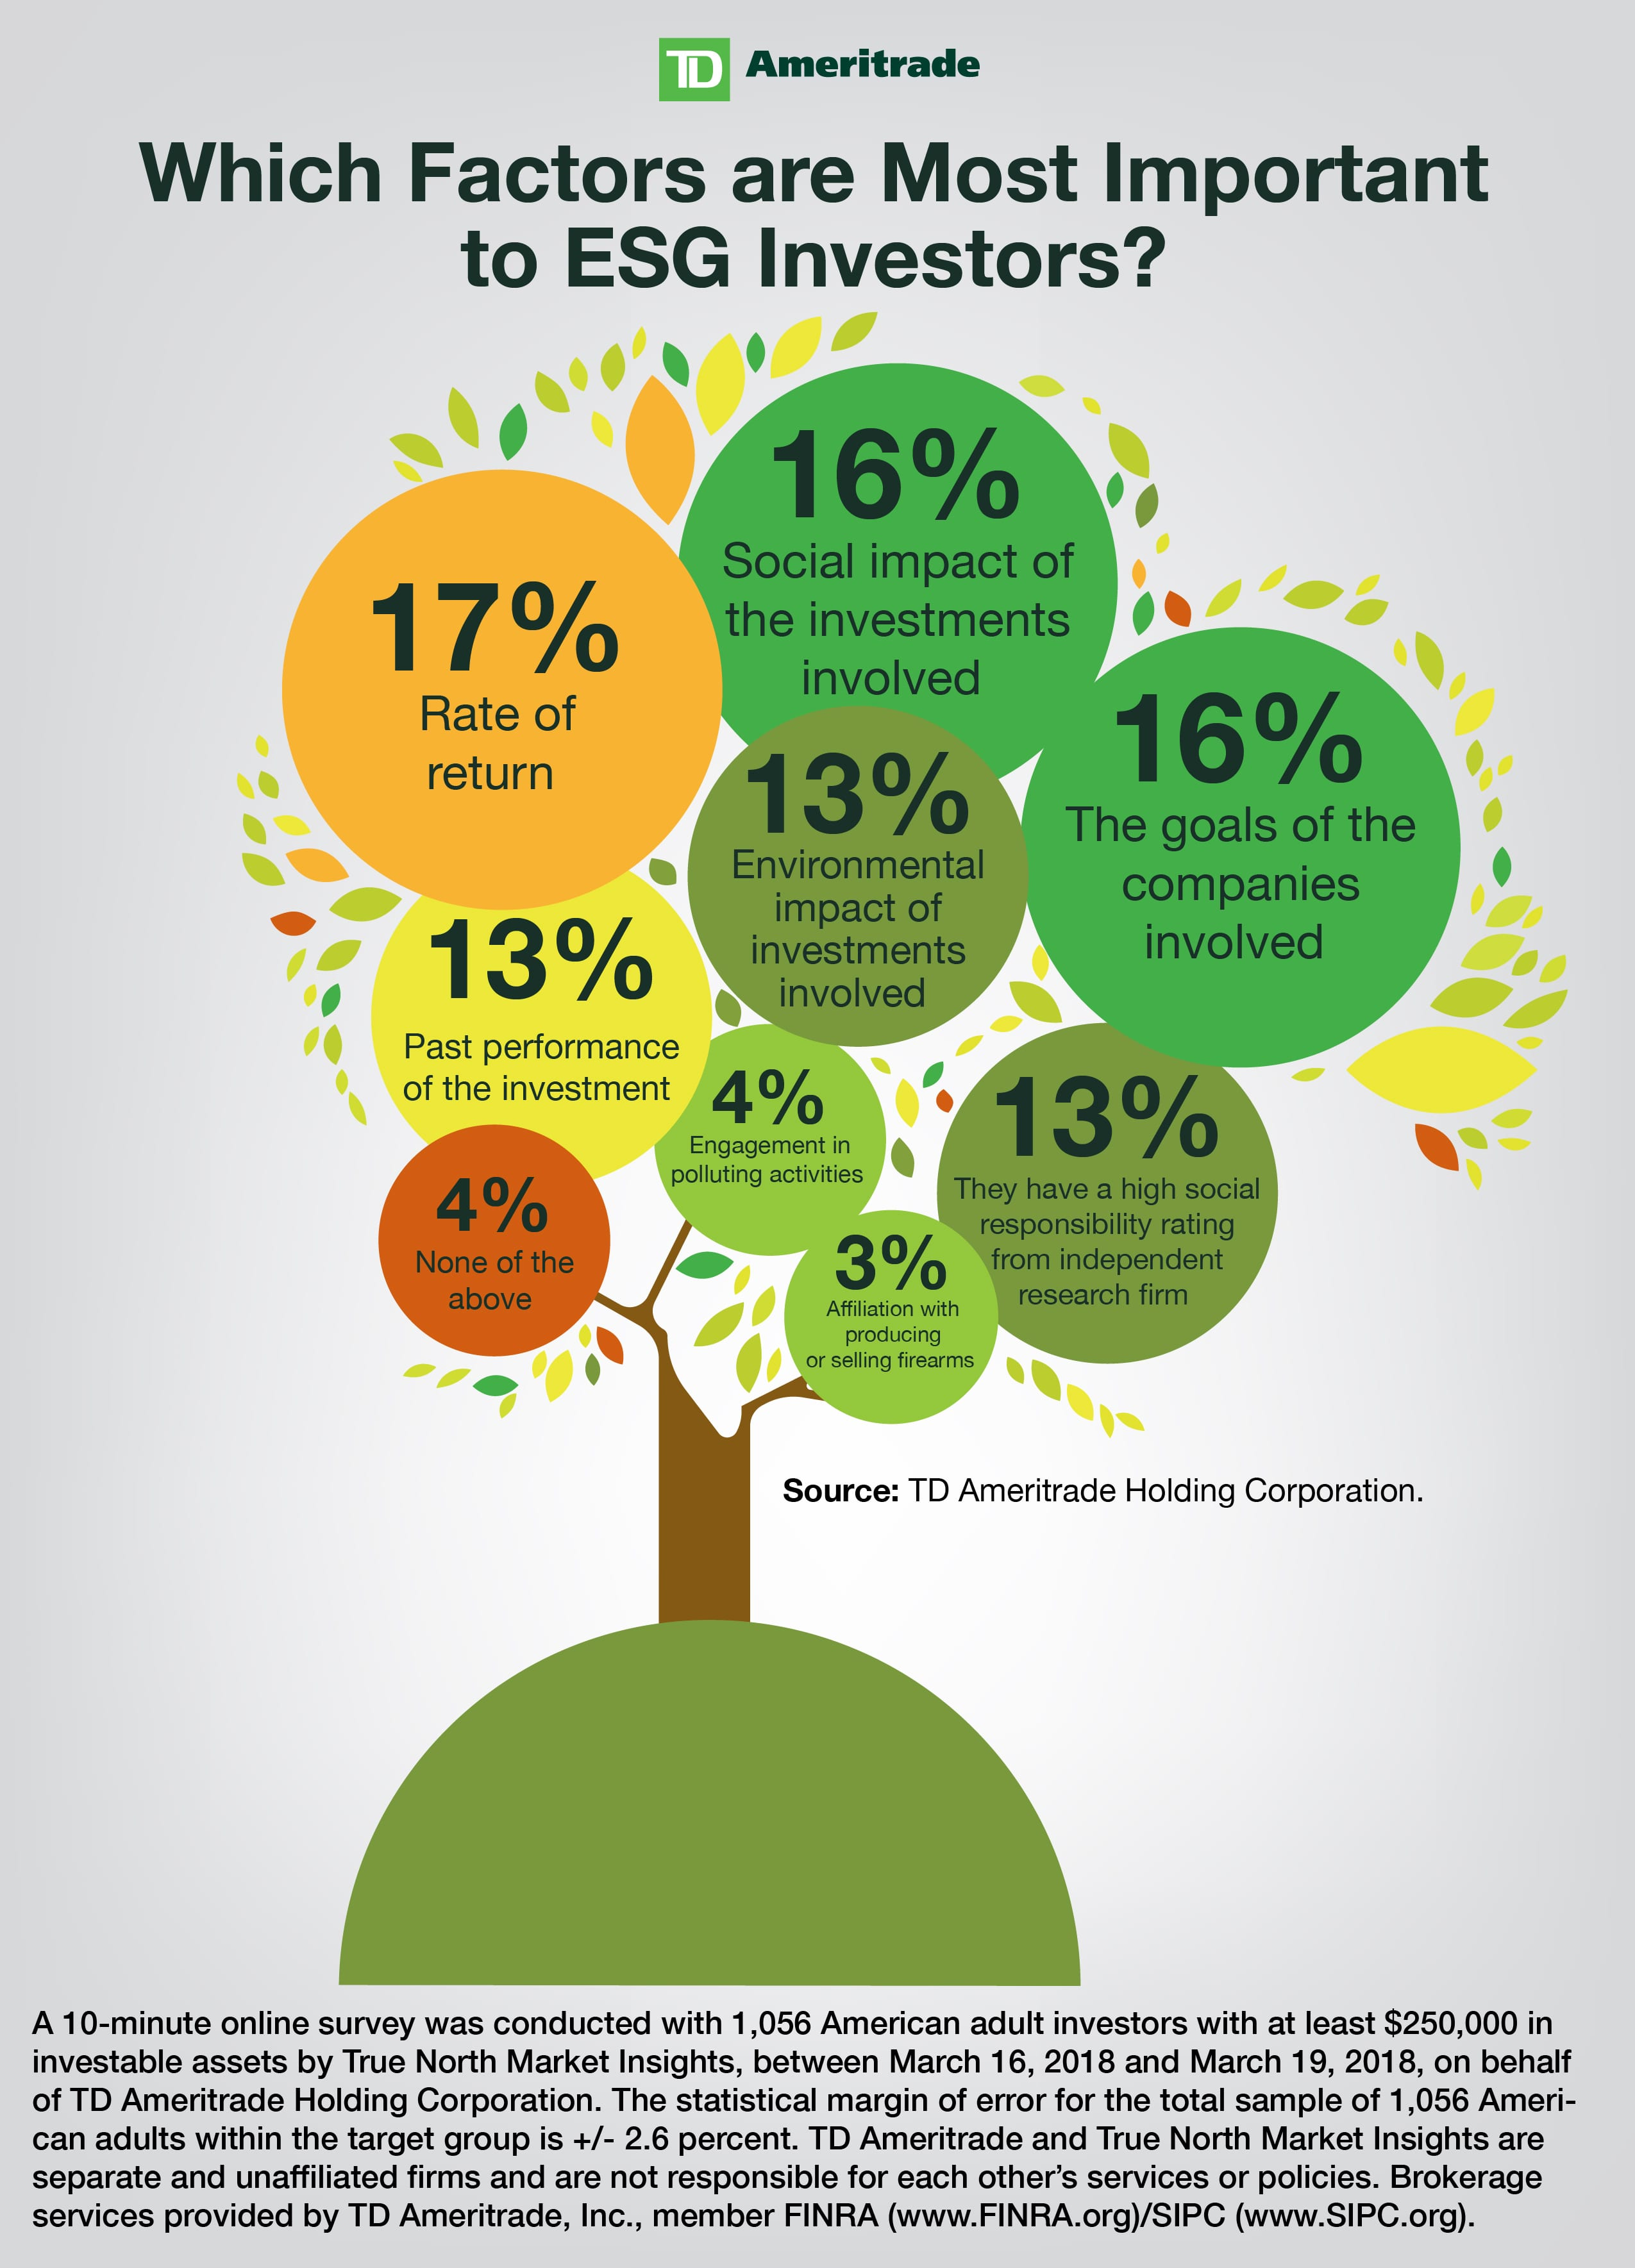 Most important ESG factors